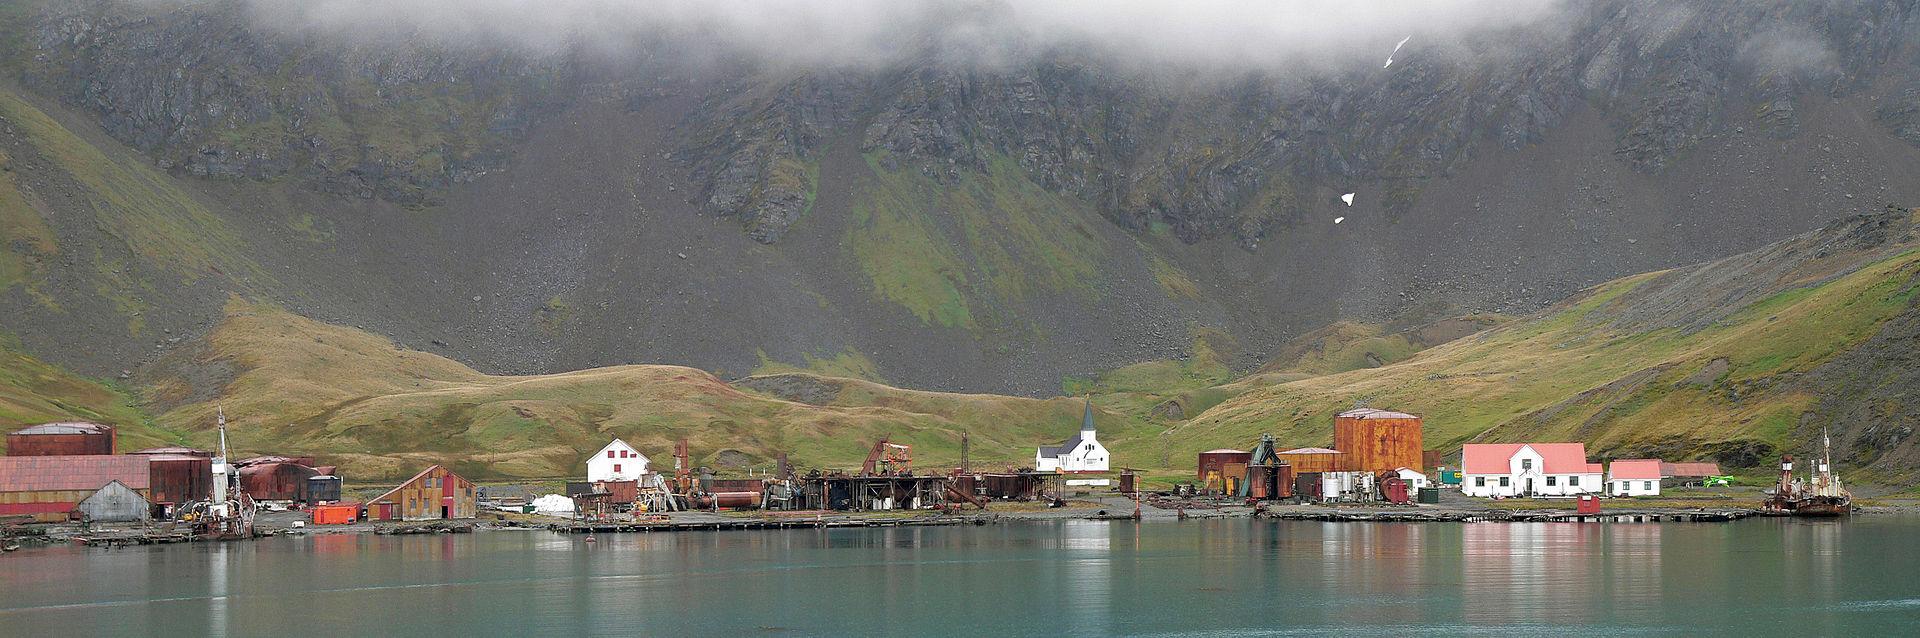 Grytviken Panorama.jpg